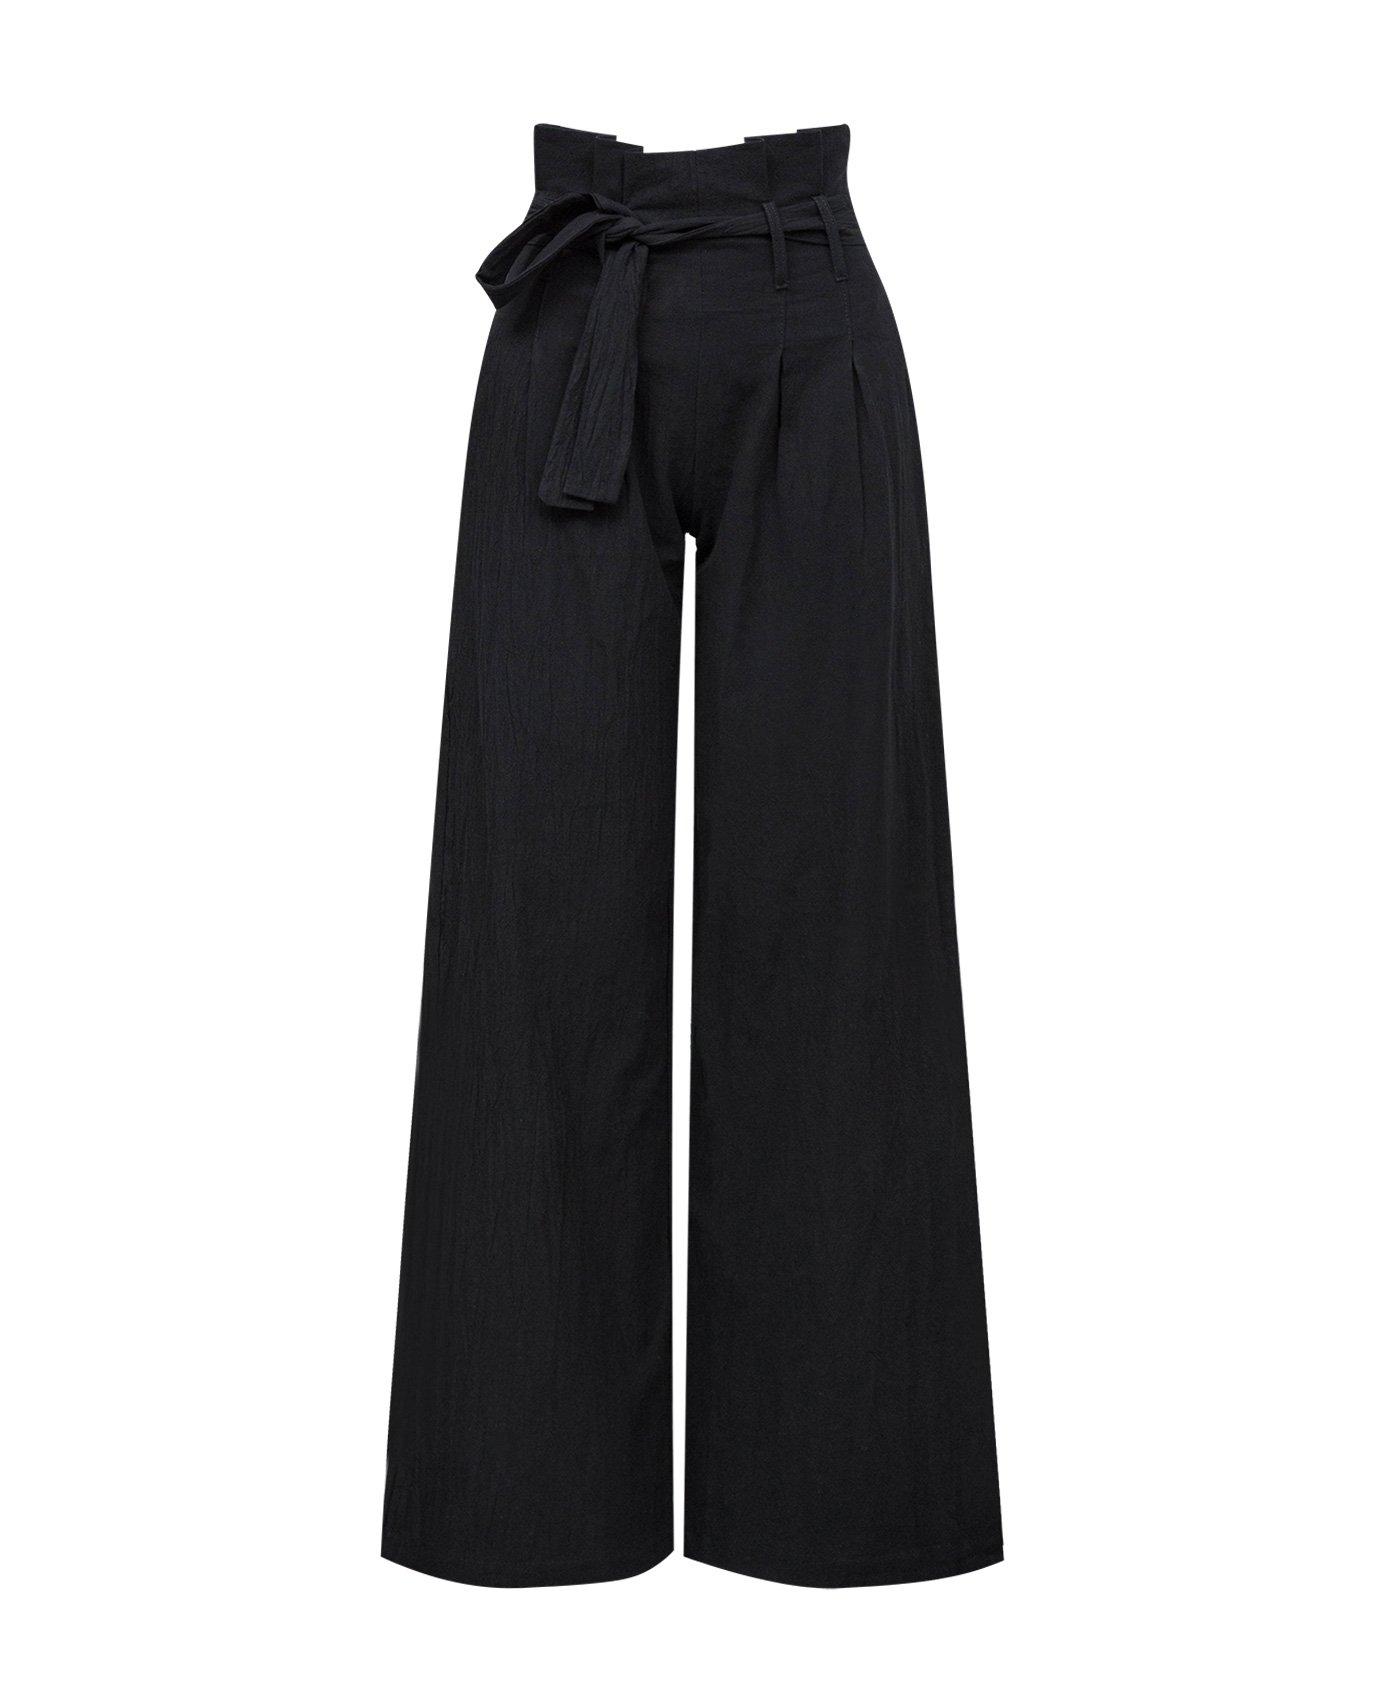 Xintianji High Waist Wide Leg Pant with Belt for Women Girls Black_M